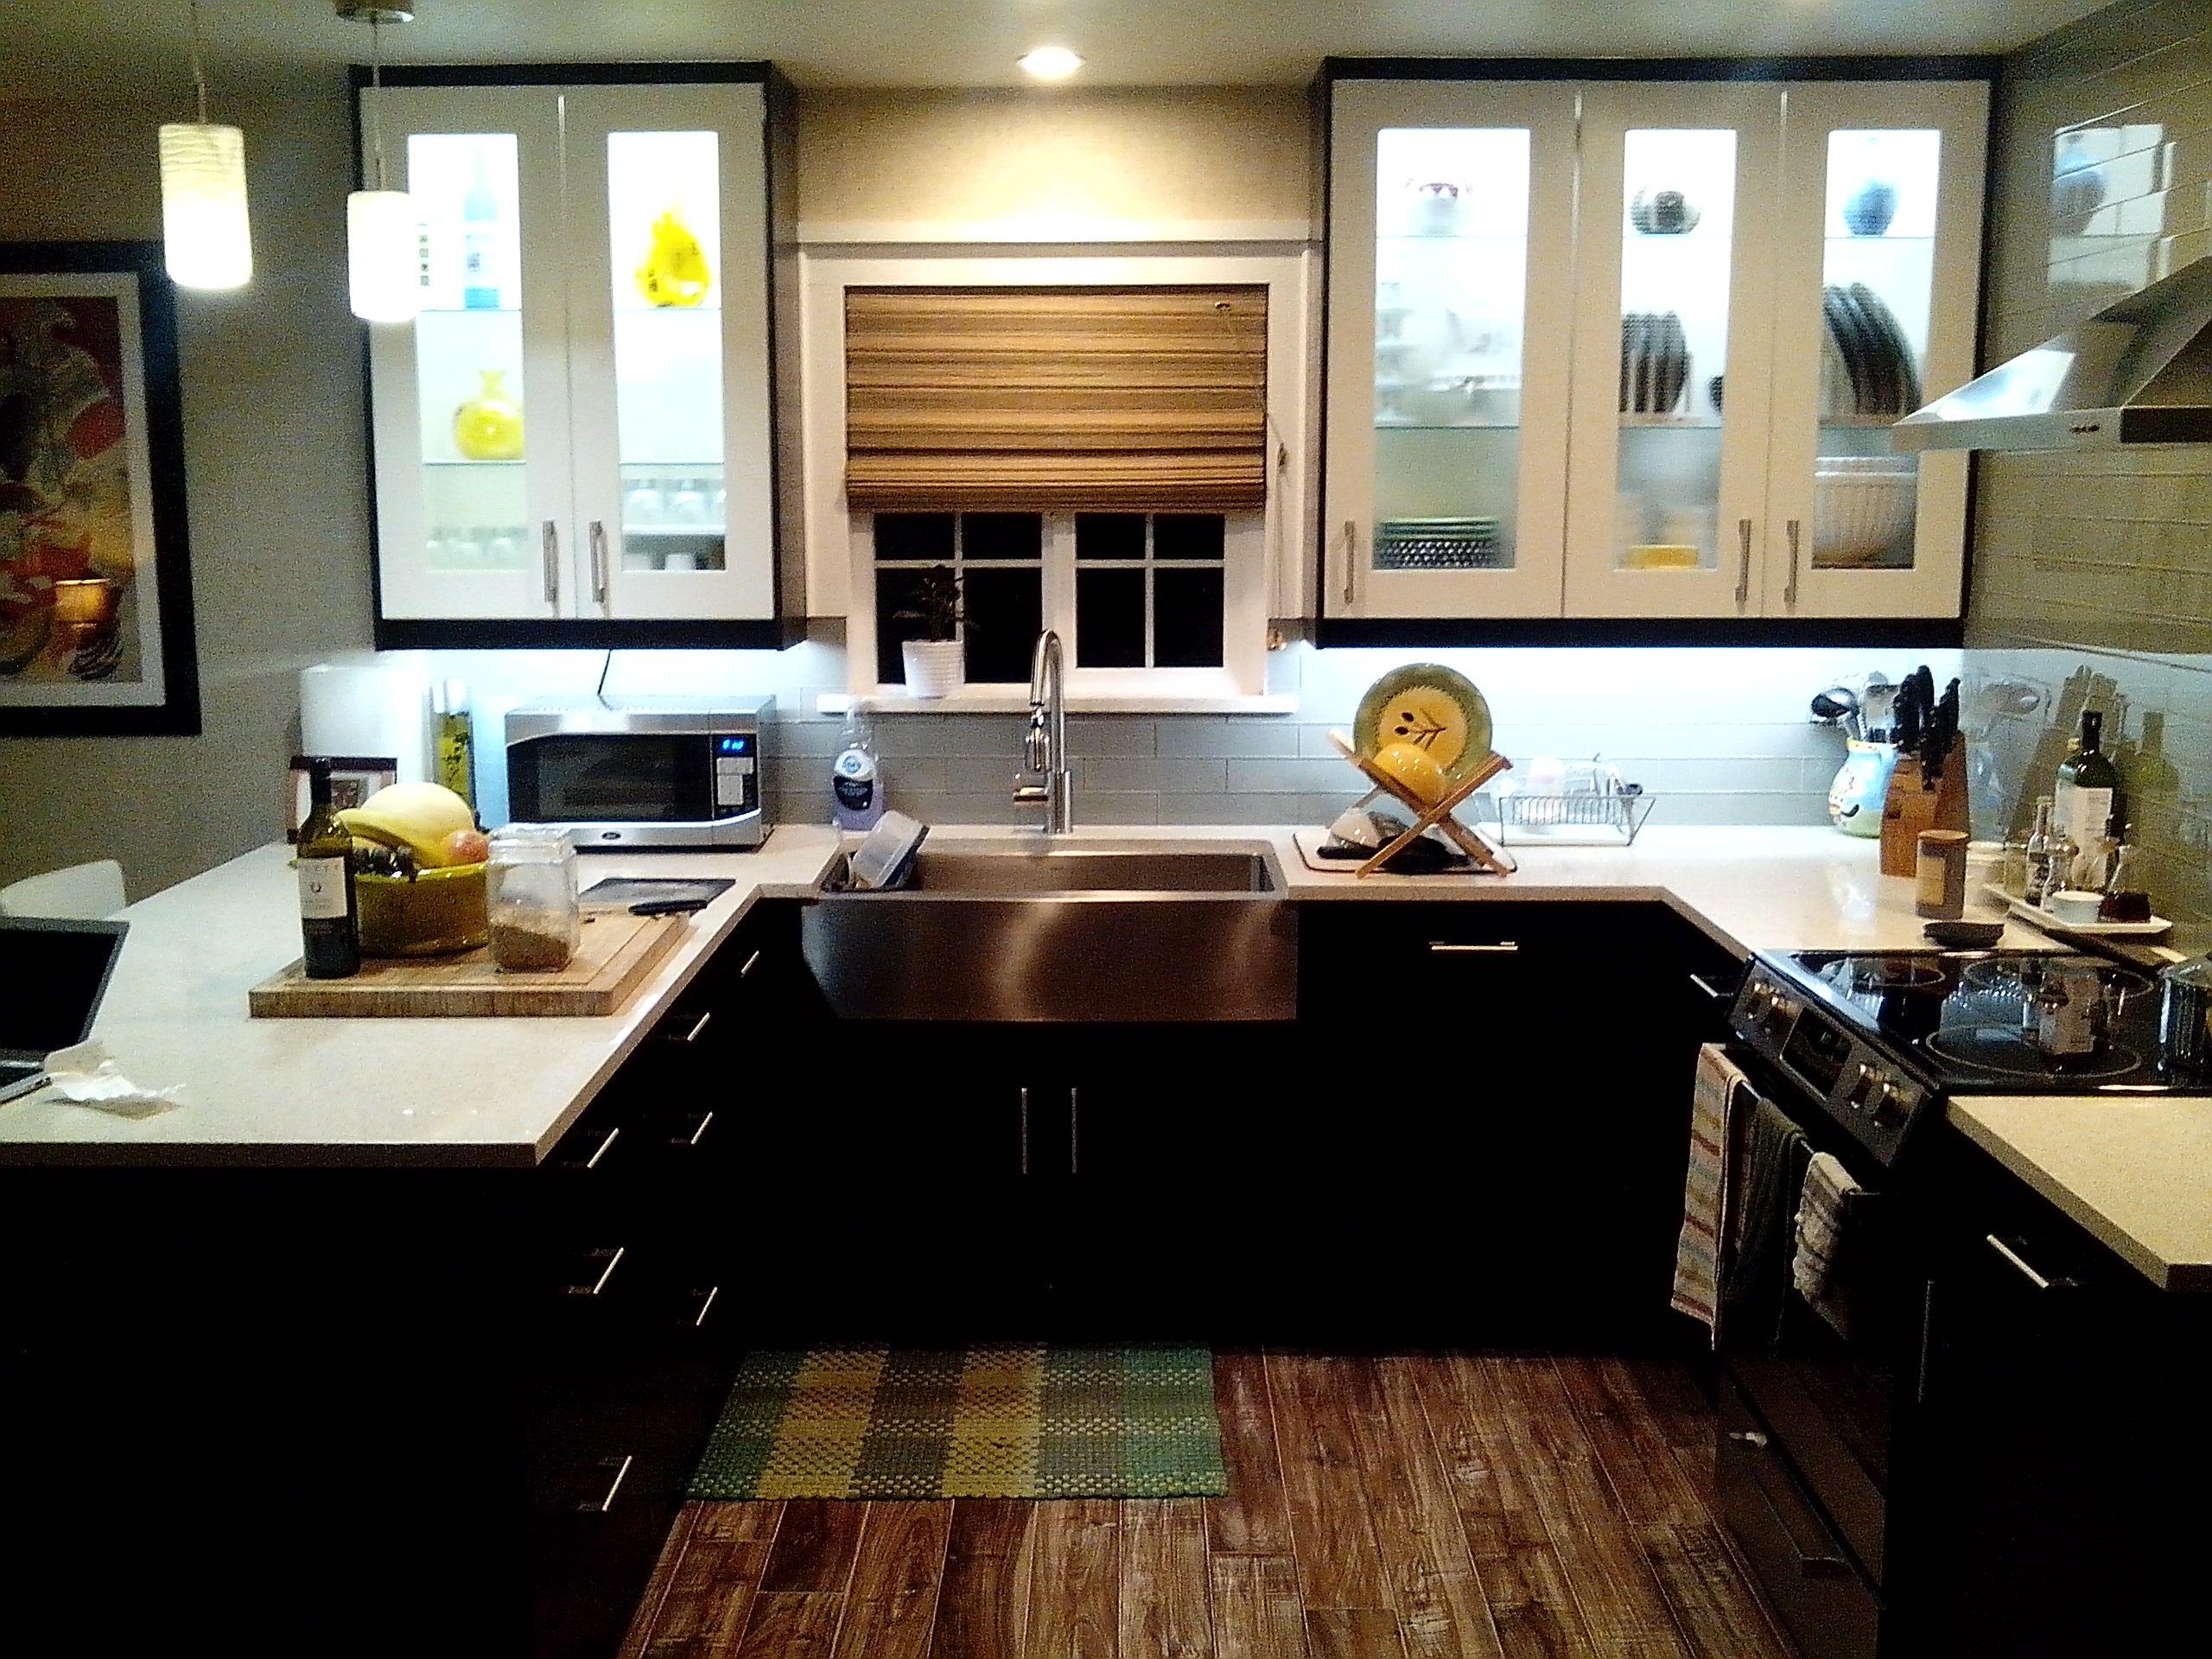 Ikea's kitchen